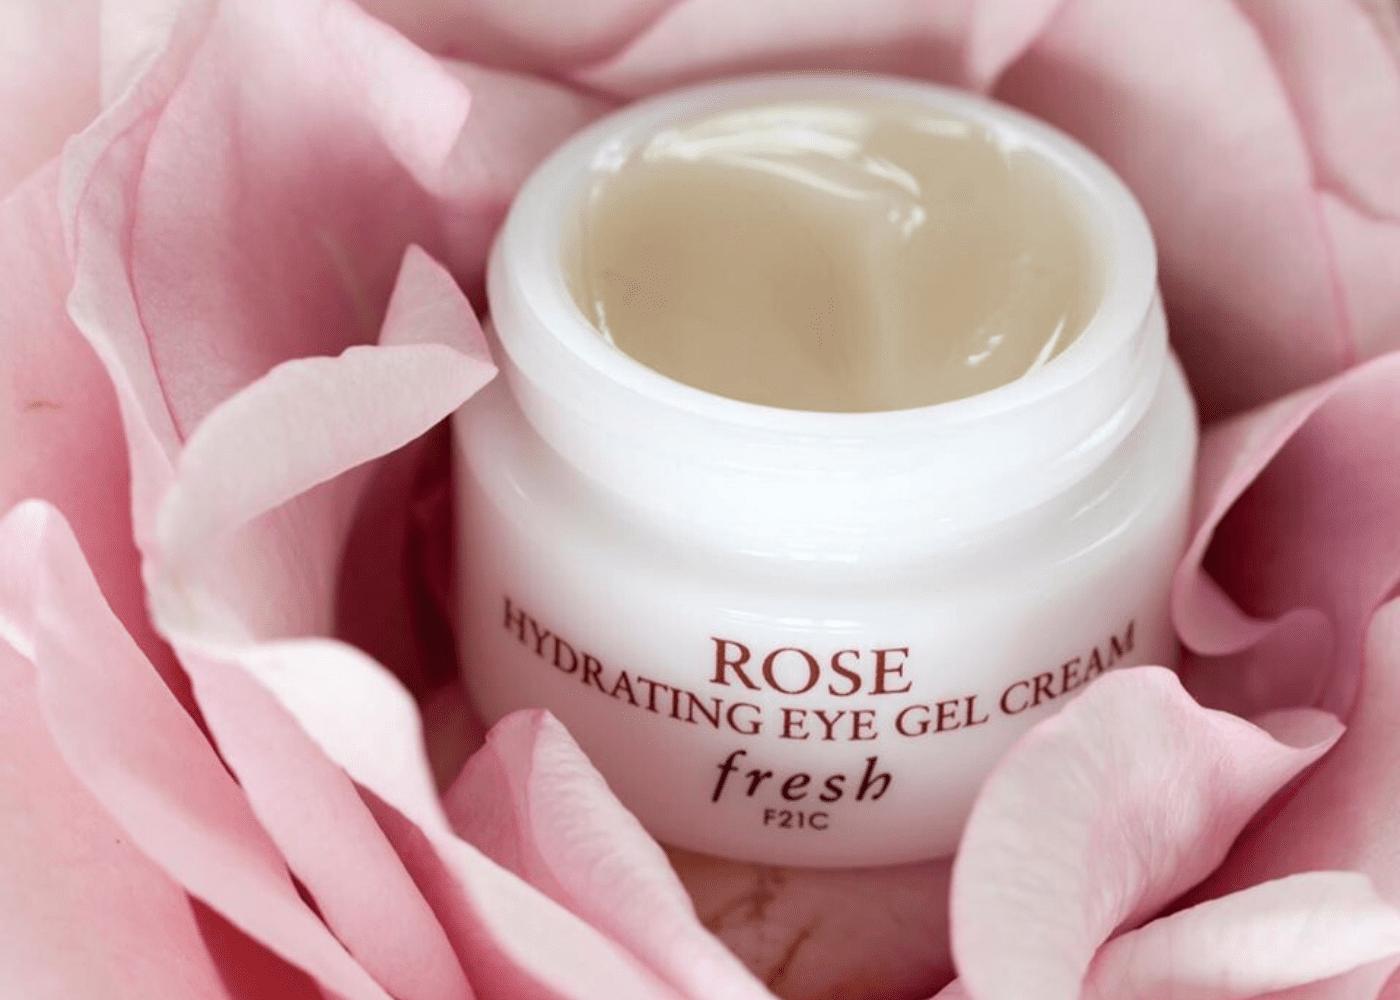 Fresh Rose Hydrating Eye Gel Cream | best eye creams